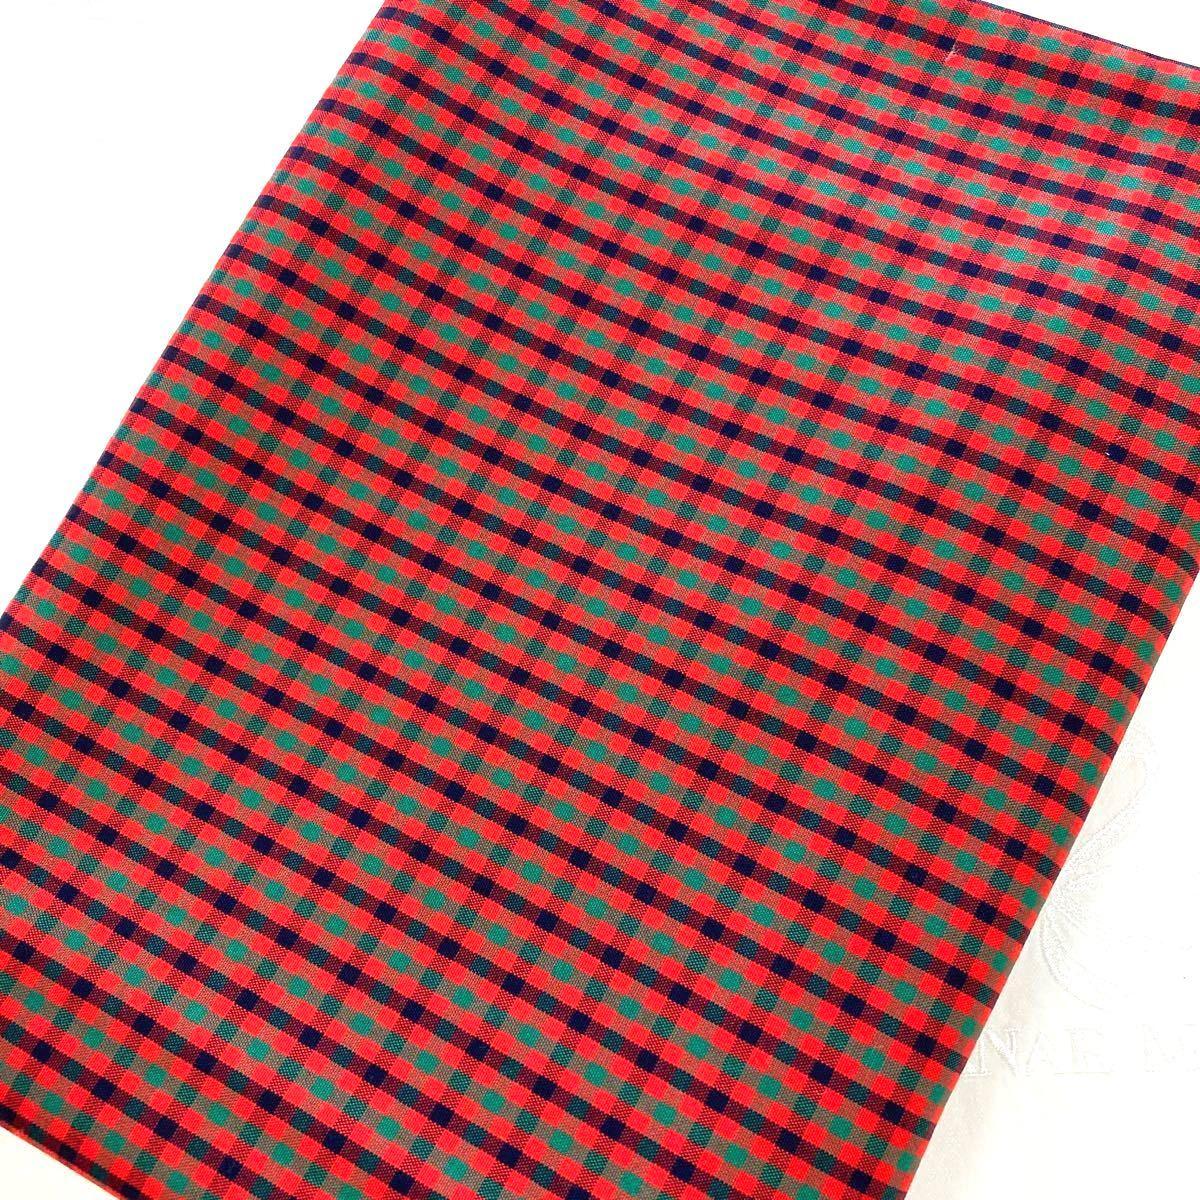 綿ブロード:チェック柄:生地幅×50:生地ハギレ